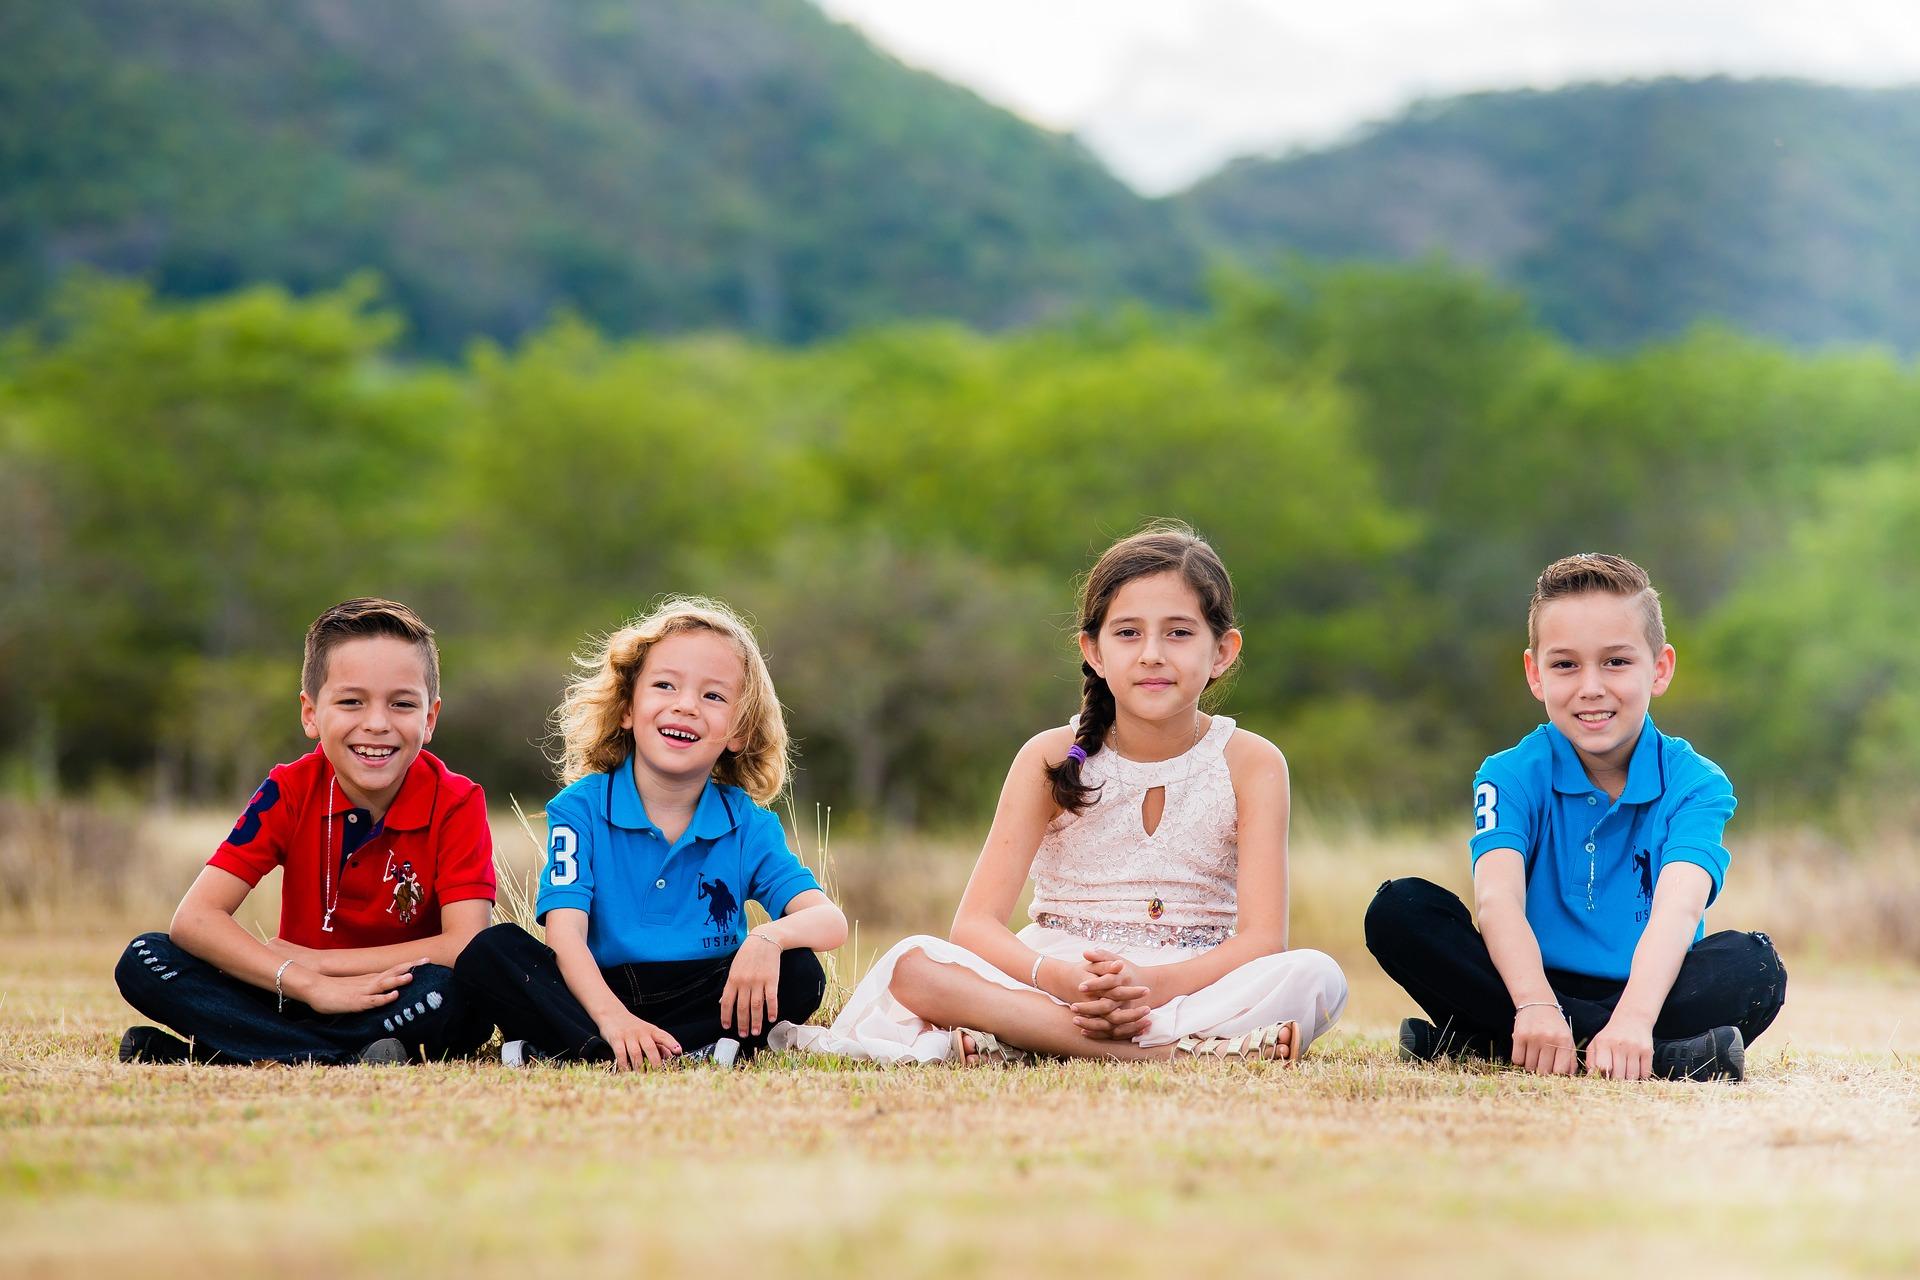 Quelles sont les étapes du développement de l'enfant ?